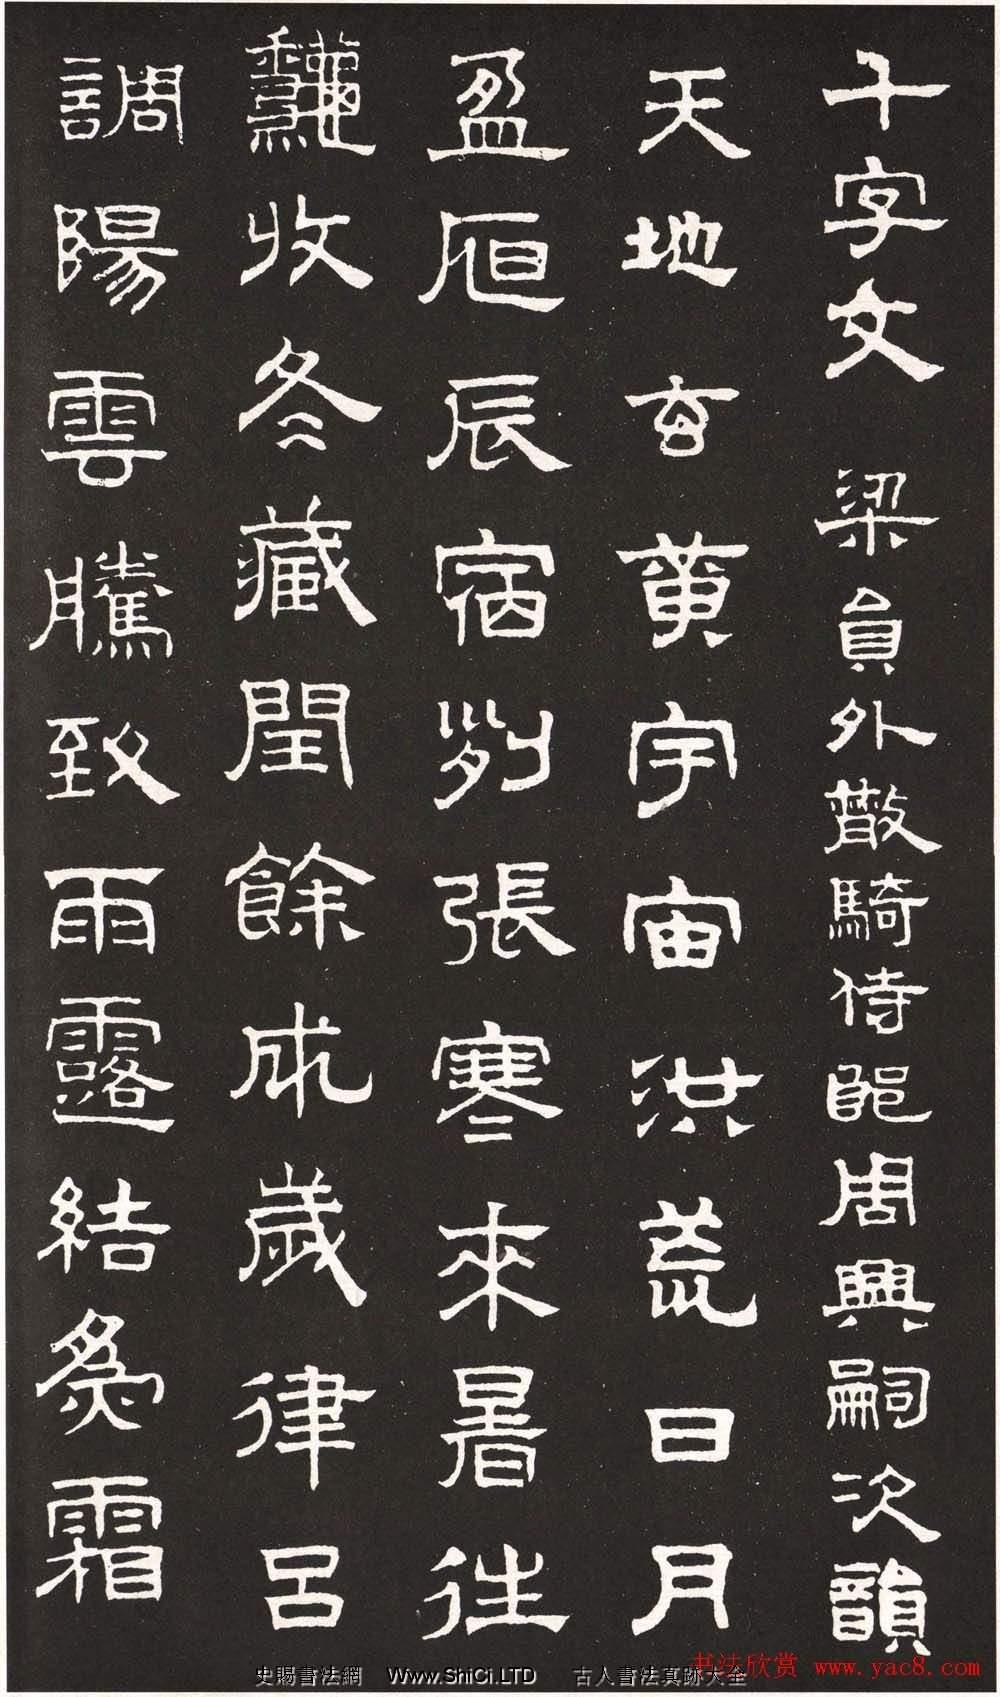 趙孟頫字帖真跡欣賞隸書千字文(共17張圖片)